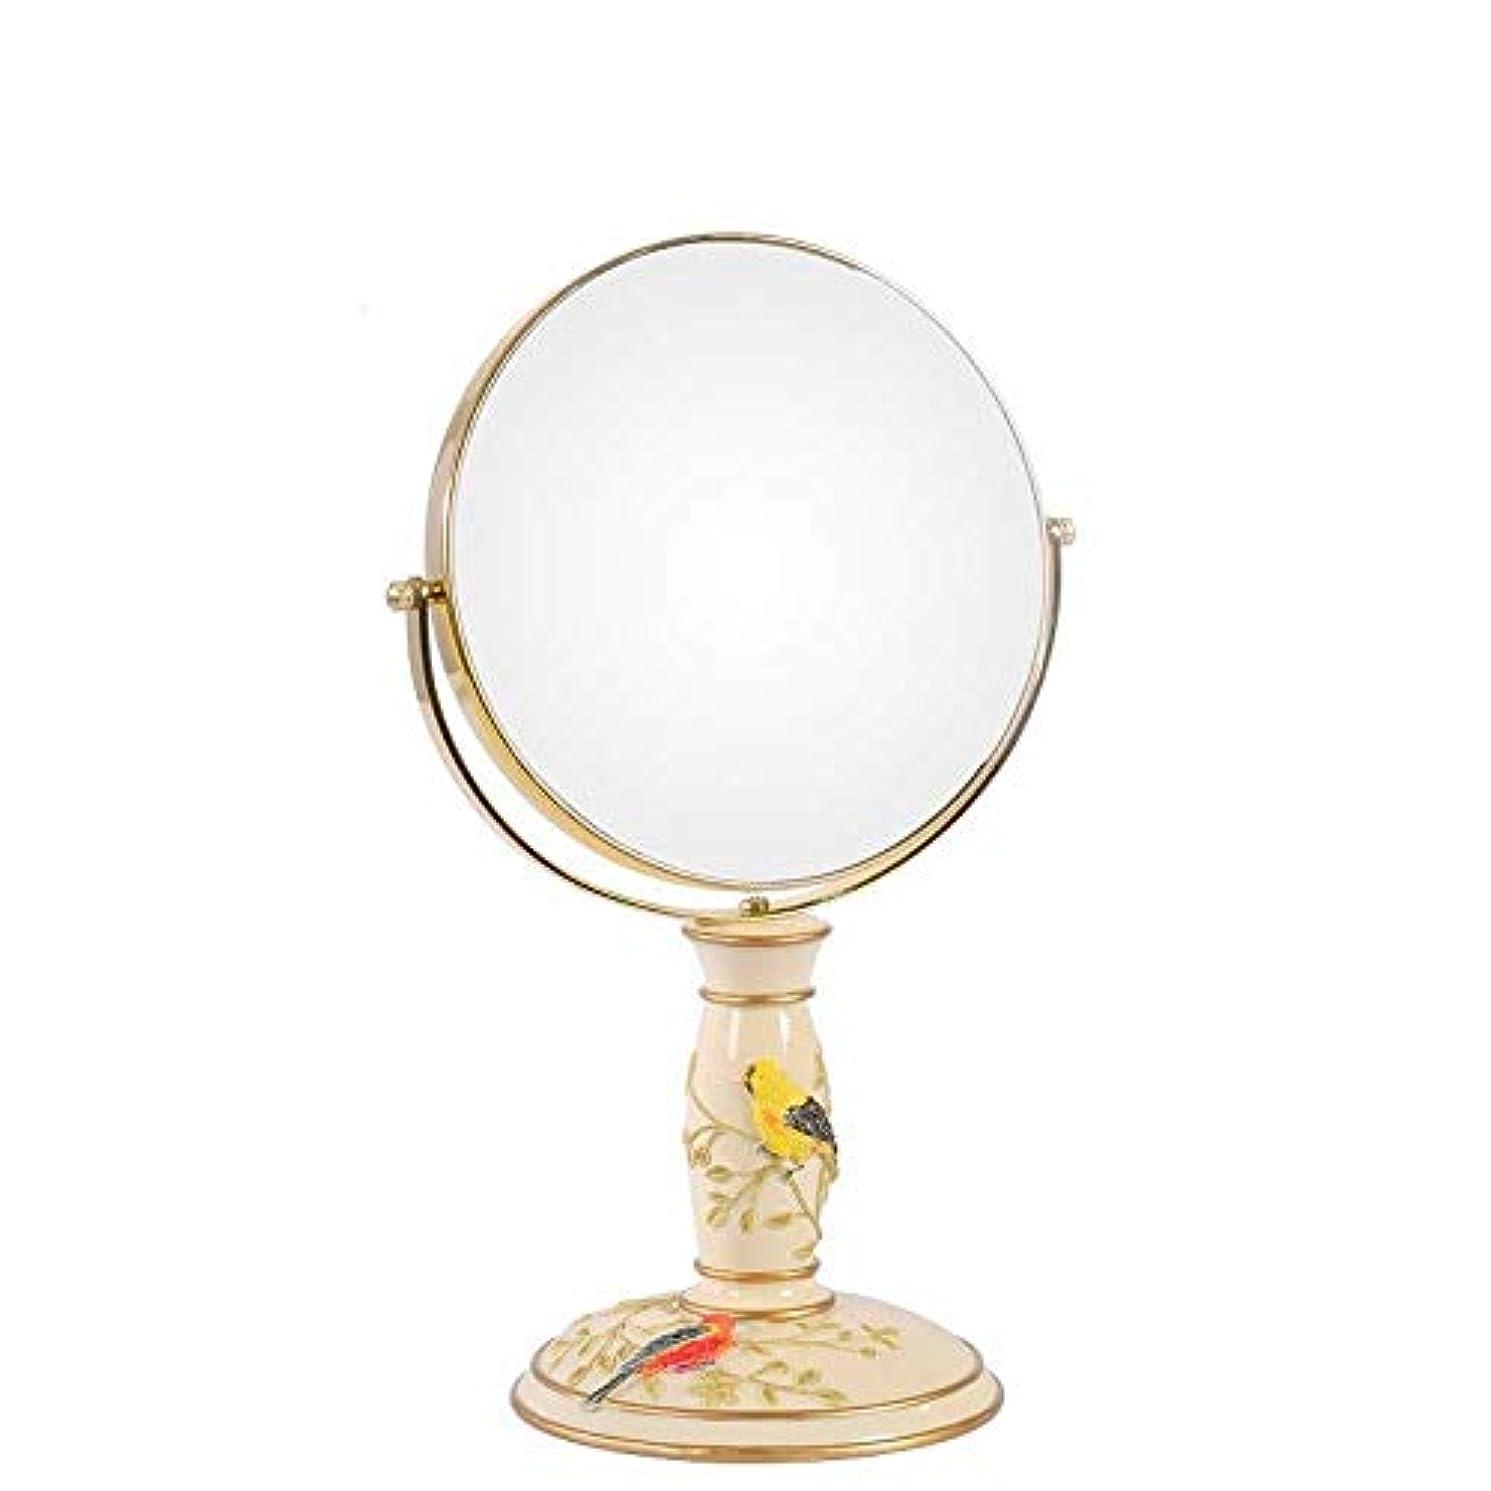 宿る器用確認する流行の ビンテージ化粧鏡、鏡360°回転スタンド、倍率1倍、3倍、ラウンドダブル両面回転化粧鏡